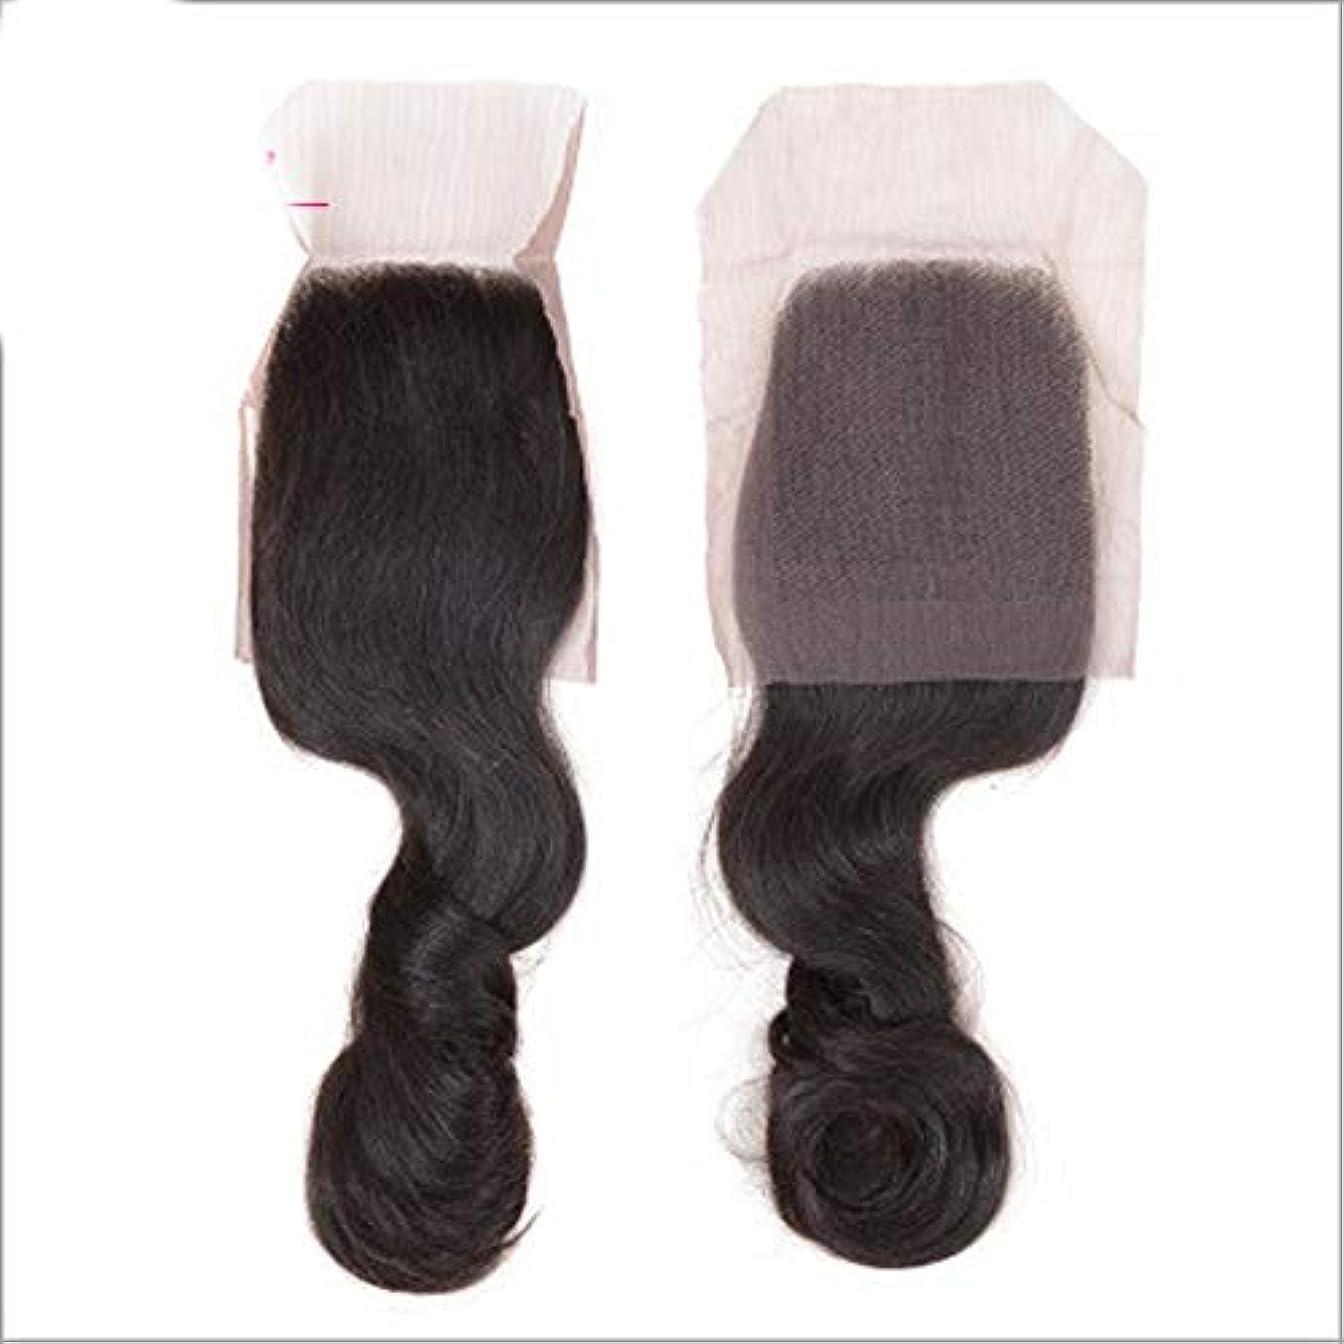 させる心理的力強いHOHYLLYA 巻き毛の束と閉鎖レース前頭4x4ブラジルルースウェーブ髪100%人毛織りエクステンションナチュラルブラックコンポジットヘアレースかつらロールプレイングかつら (色 : 黒, サイズ : 12 inch)